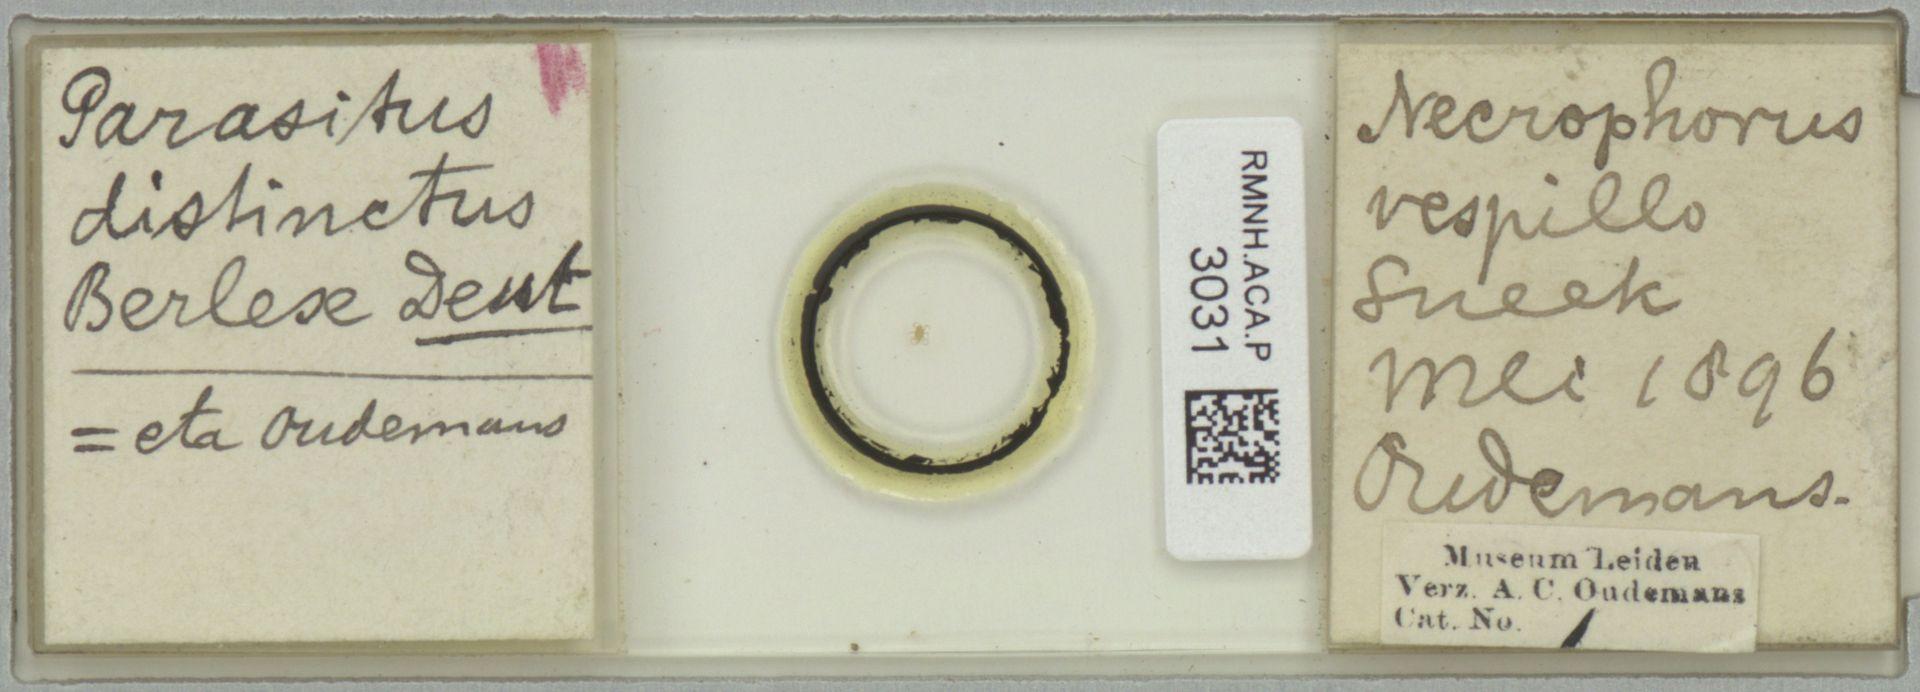 RMNH.ACA.P.3031 | Parasitus distinctus Berlese, 1903